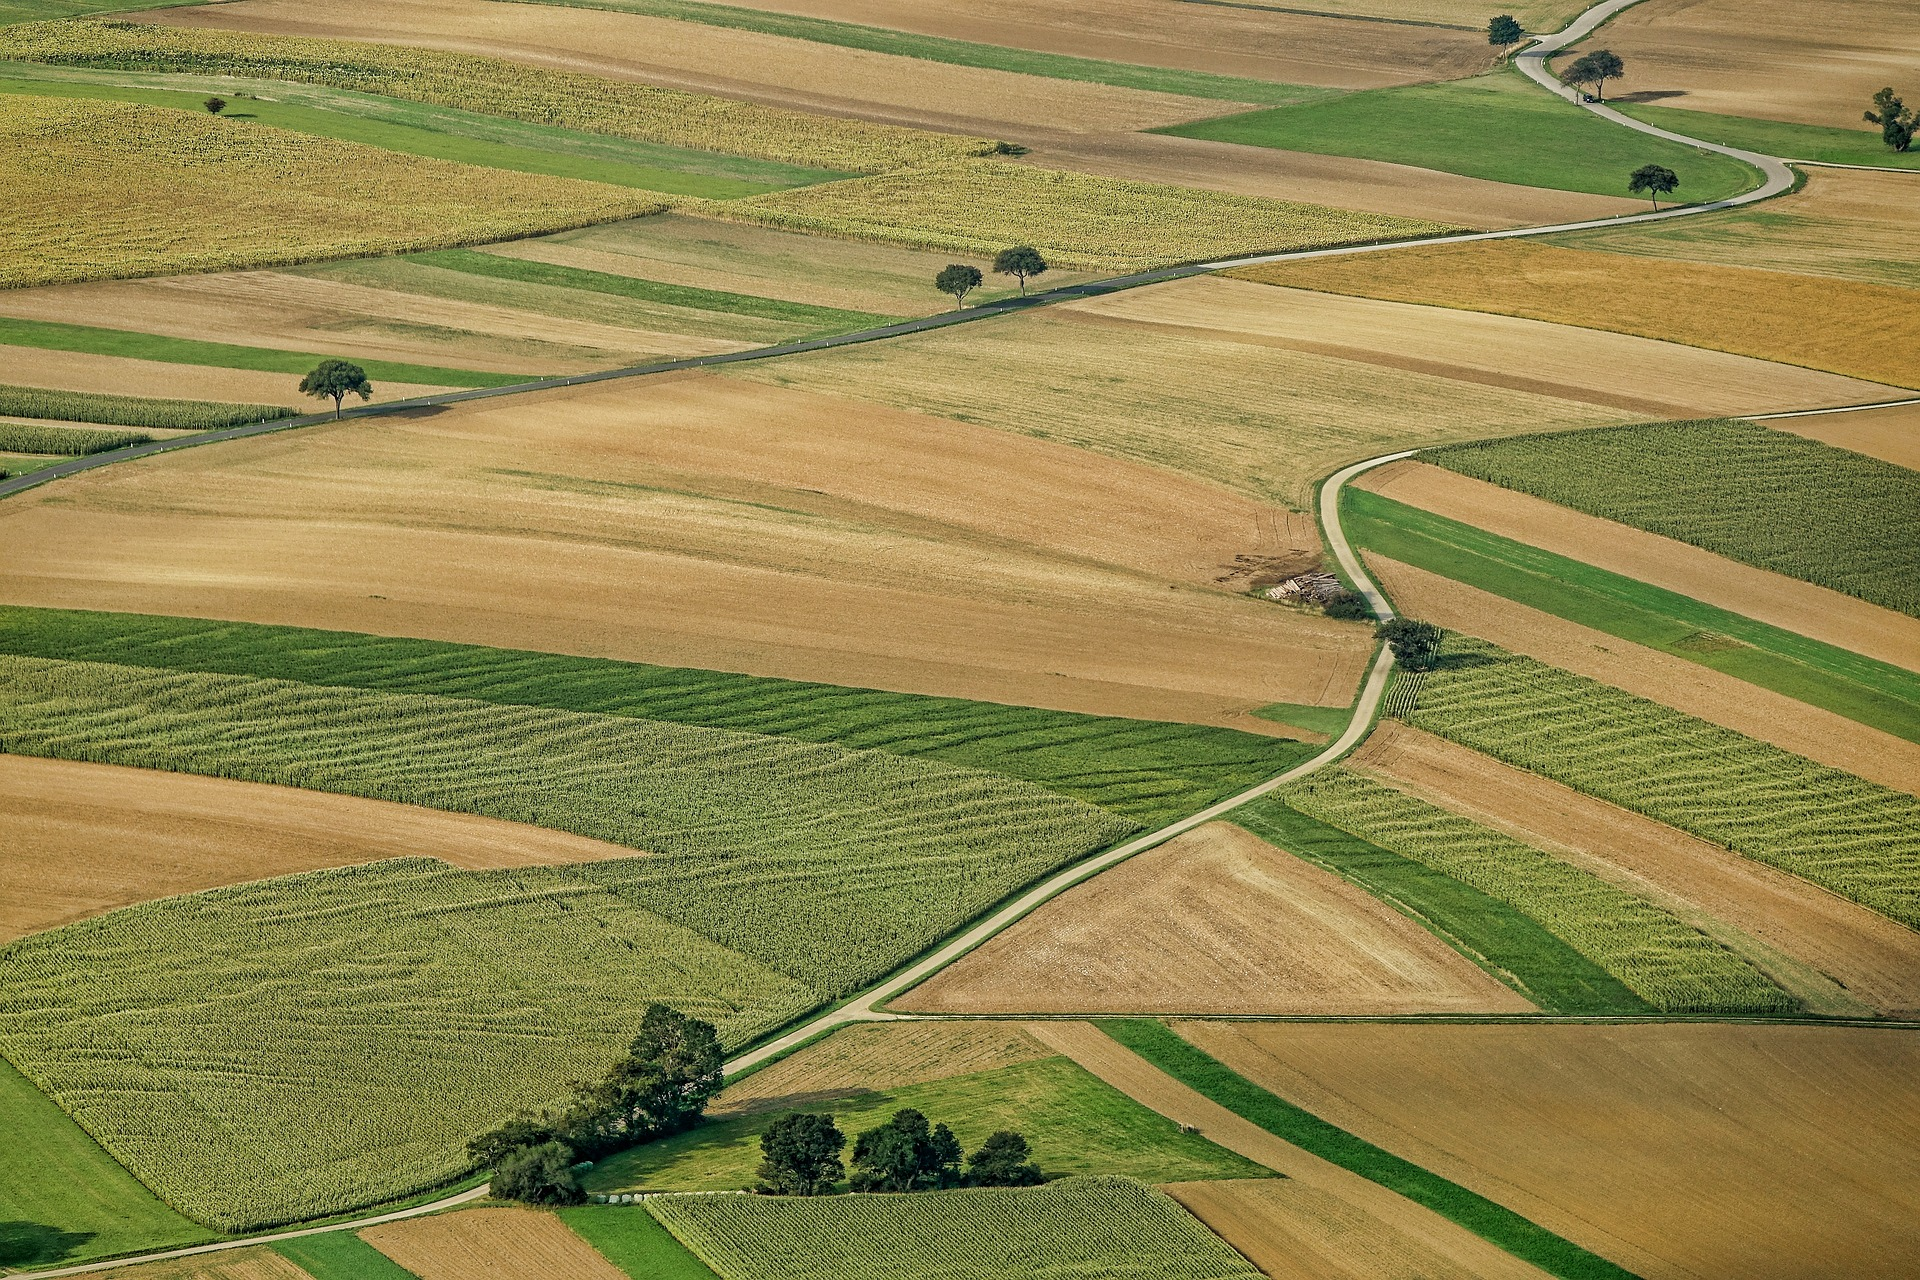 Te nieruchomości Skarbu Państwa przeznaczone są do dzierżawy w gminie Sanok [LISTA] - Zdjęcie główne